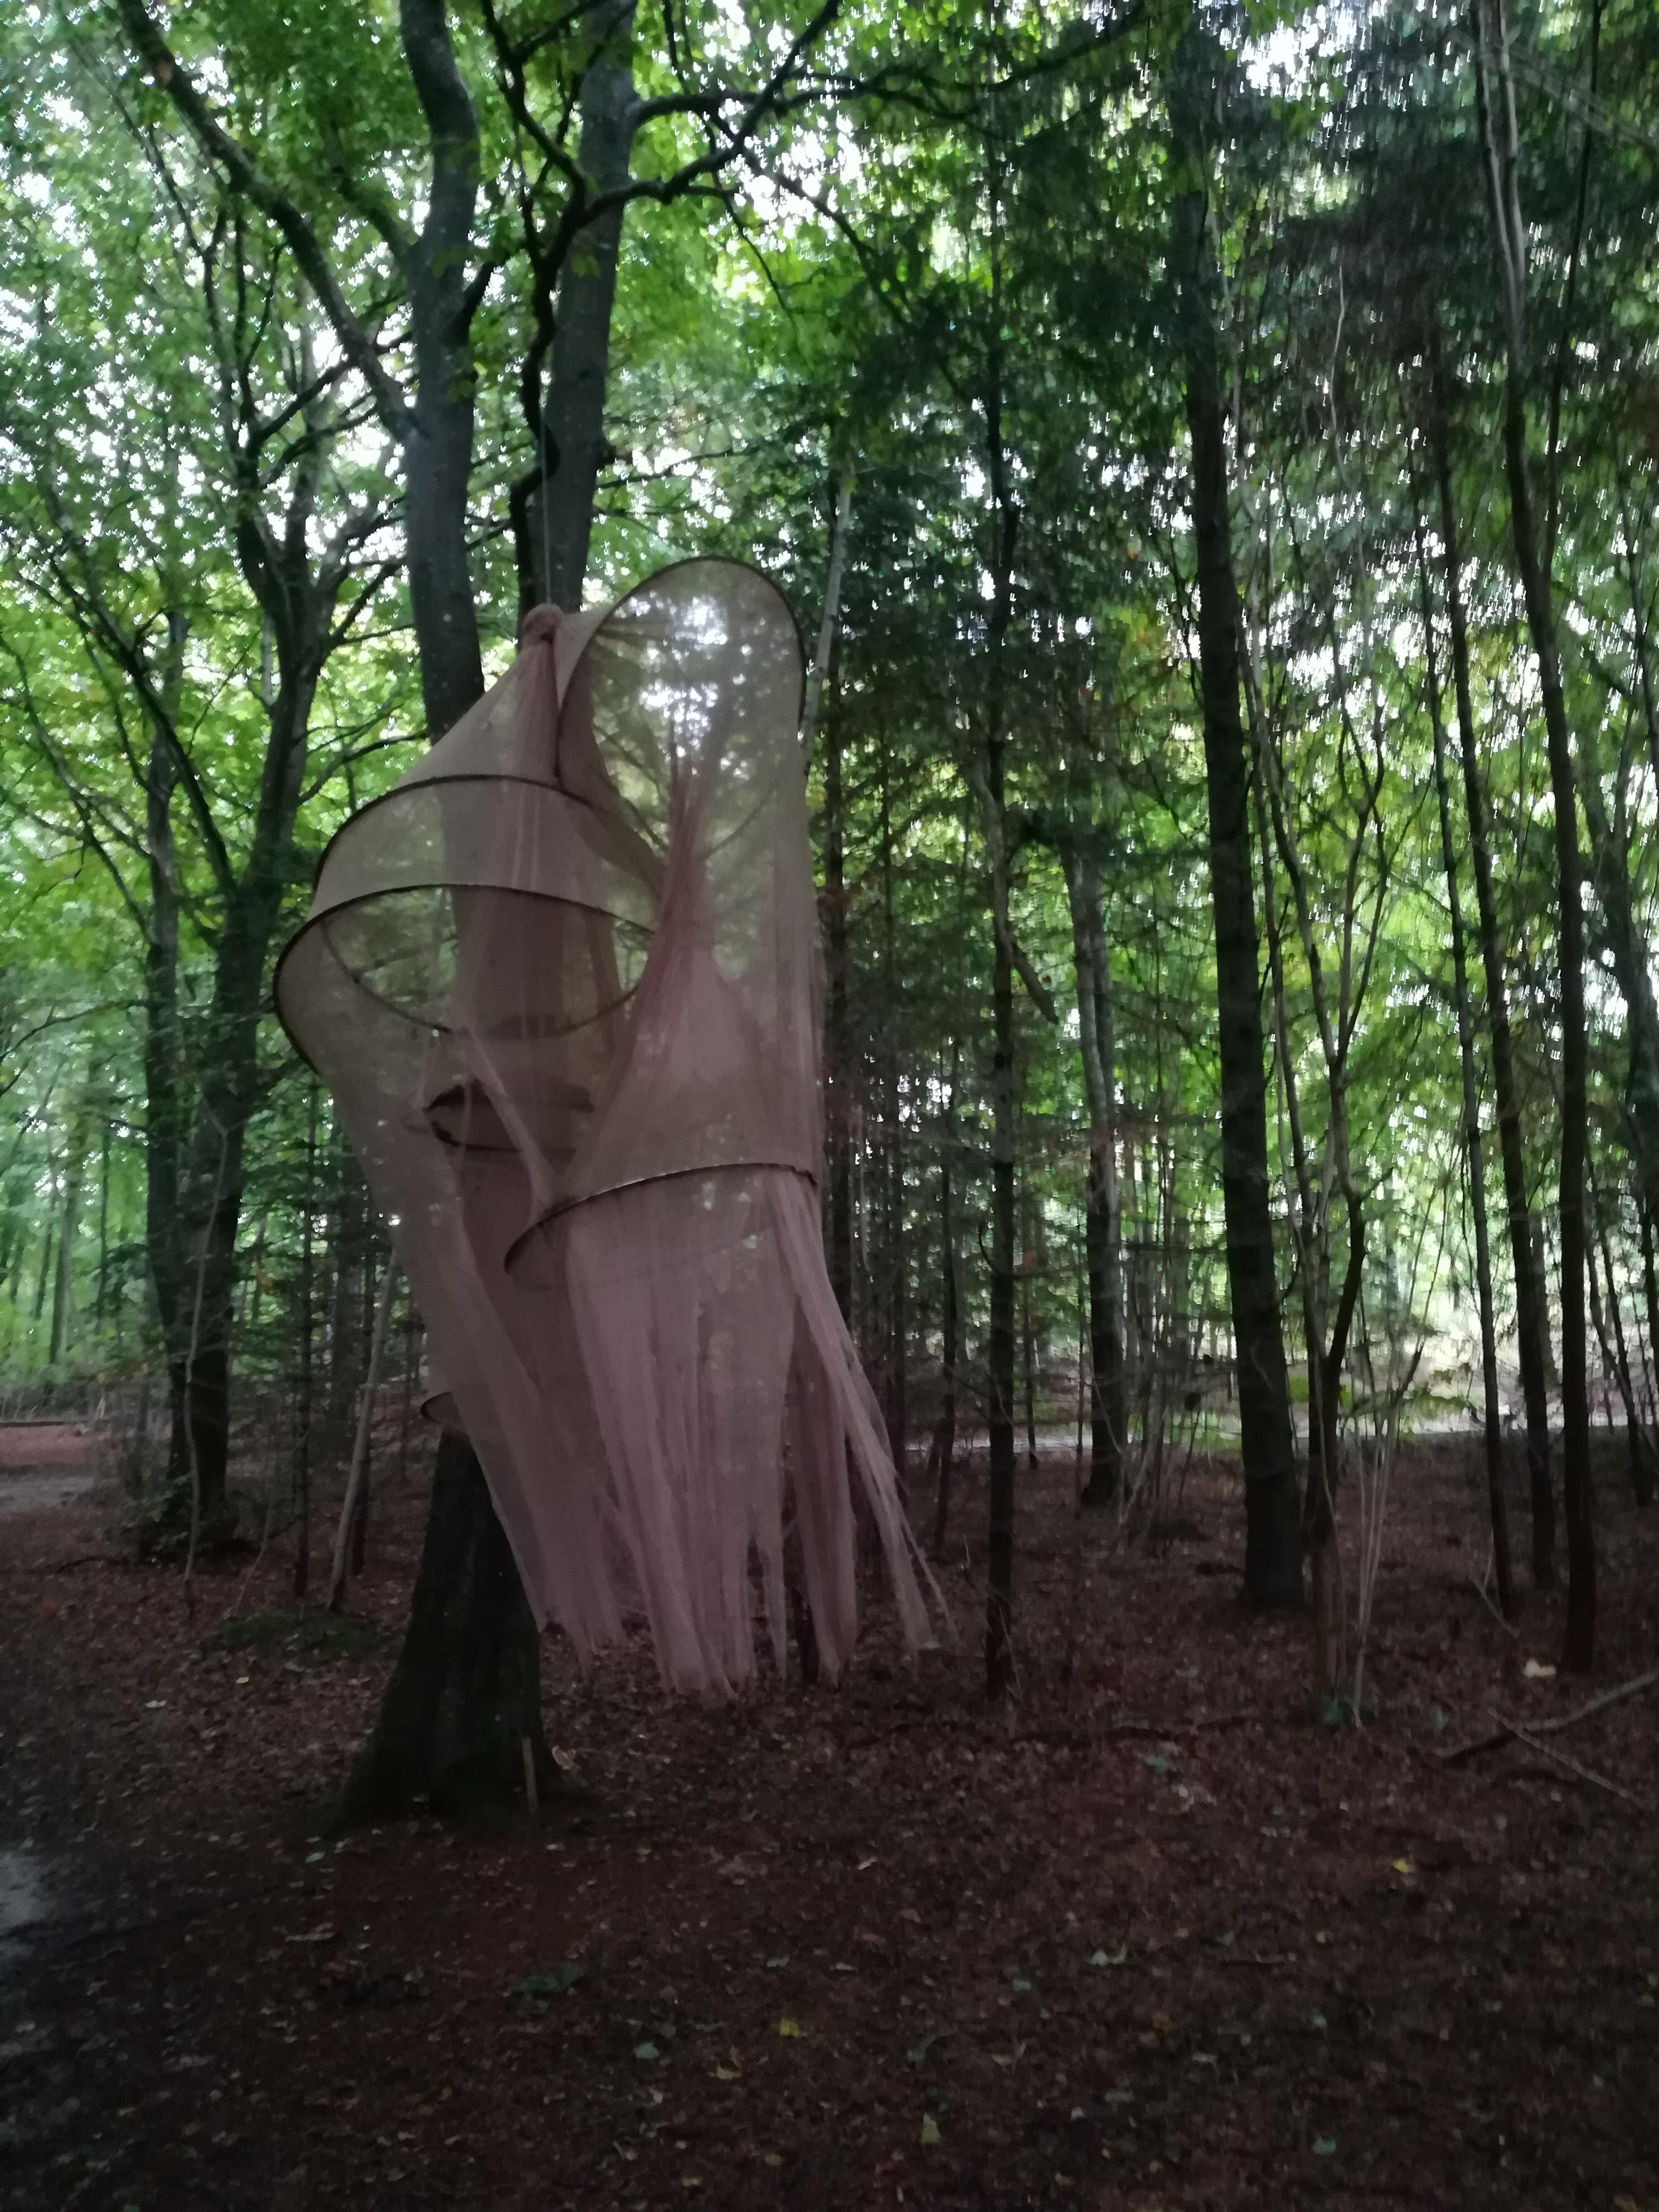 Skovsnogen, værkbillede